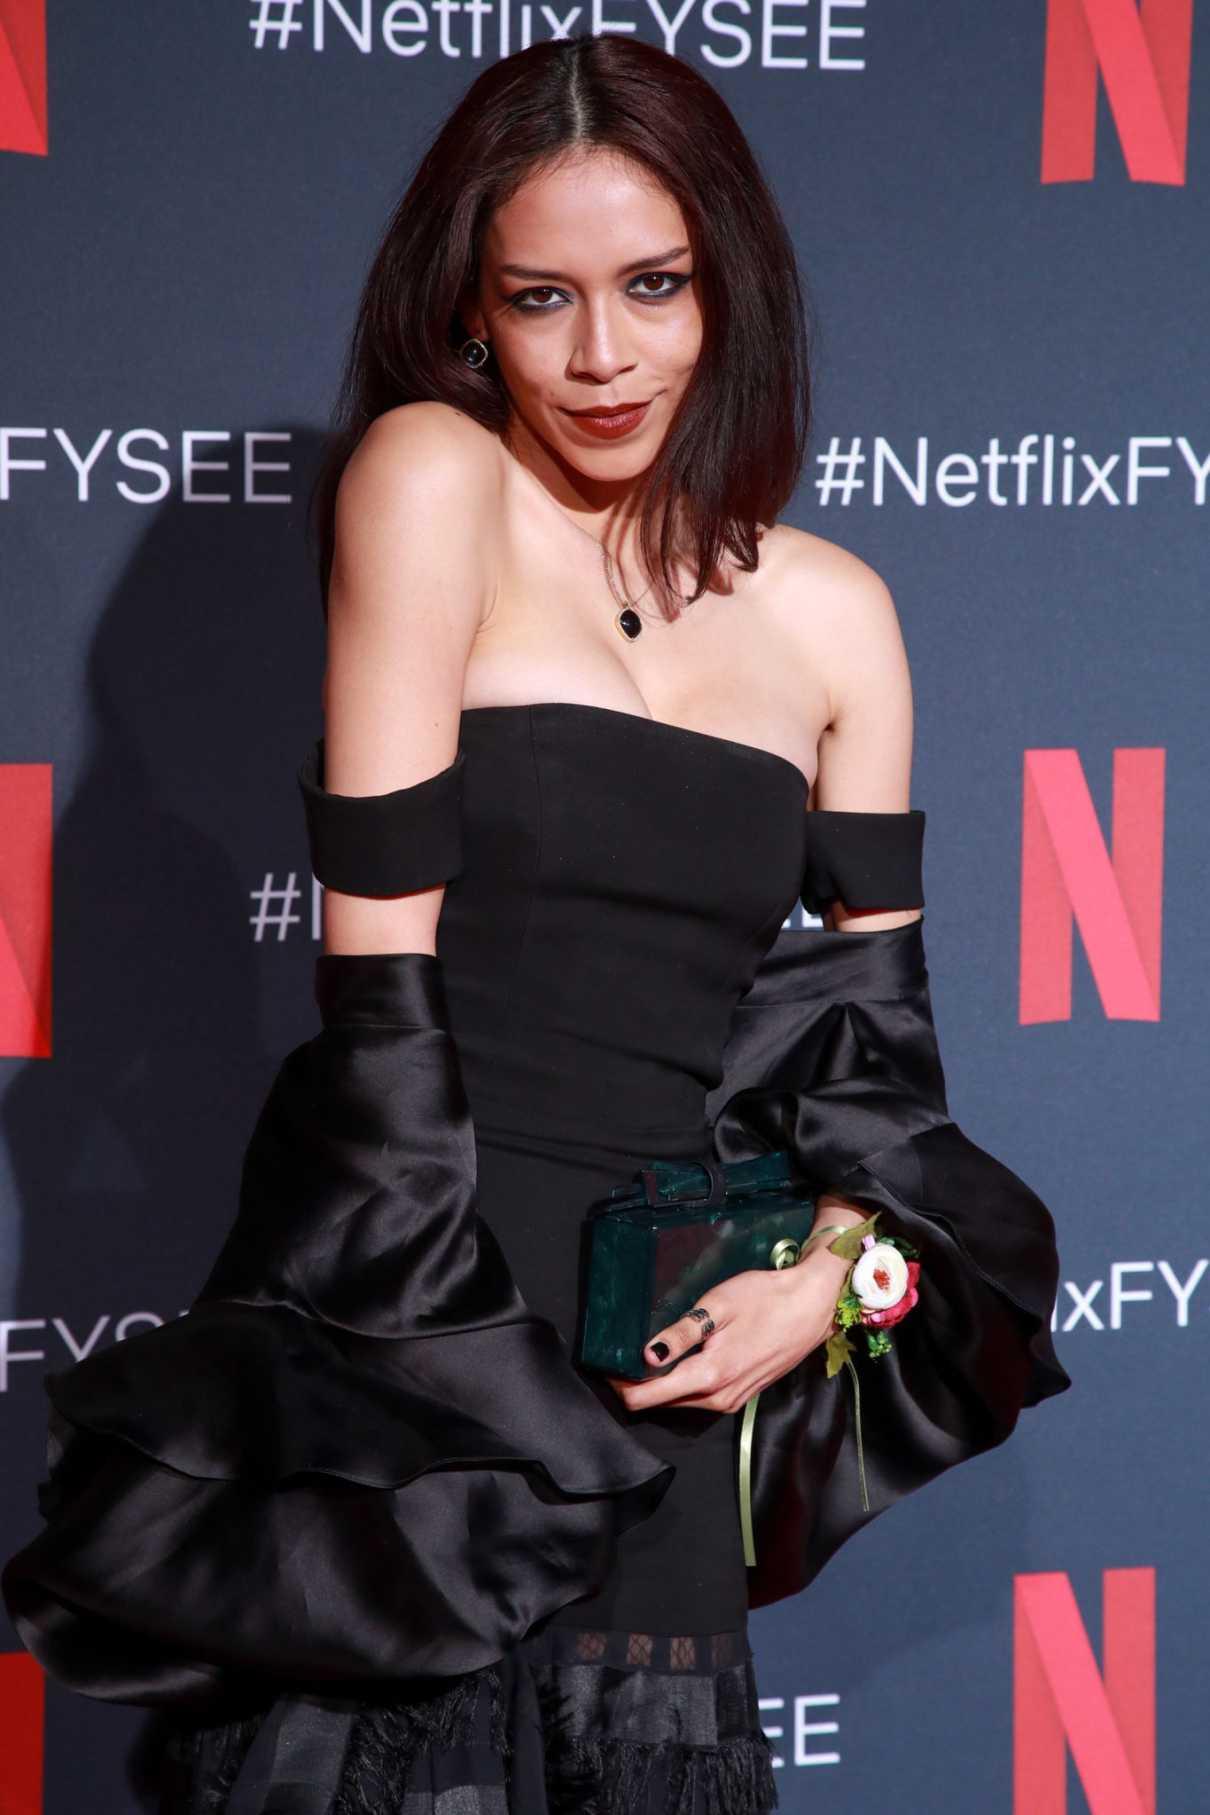 Sivan Alyra Rose